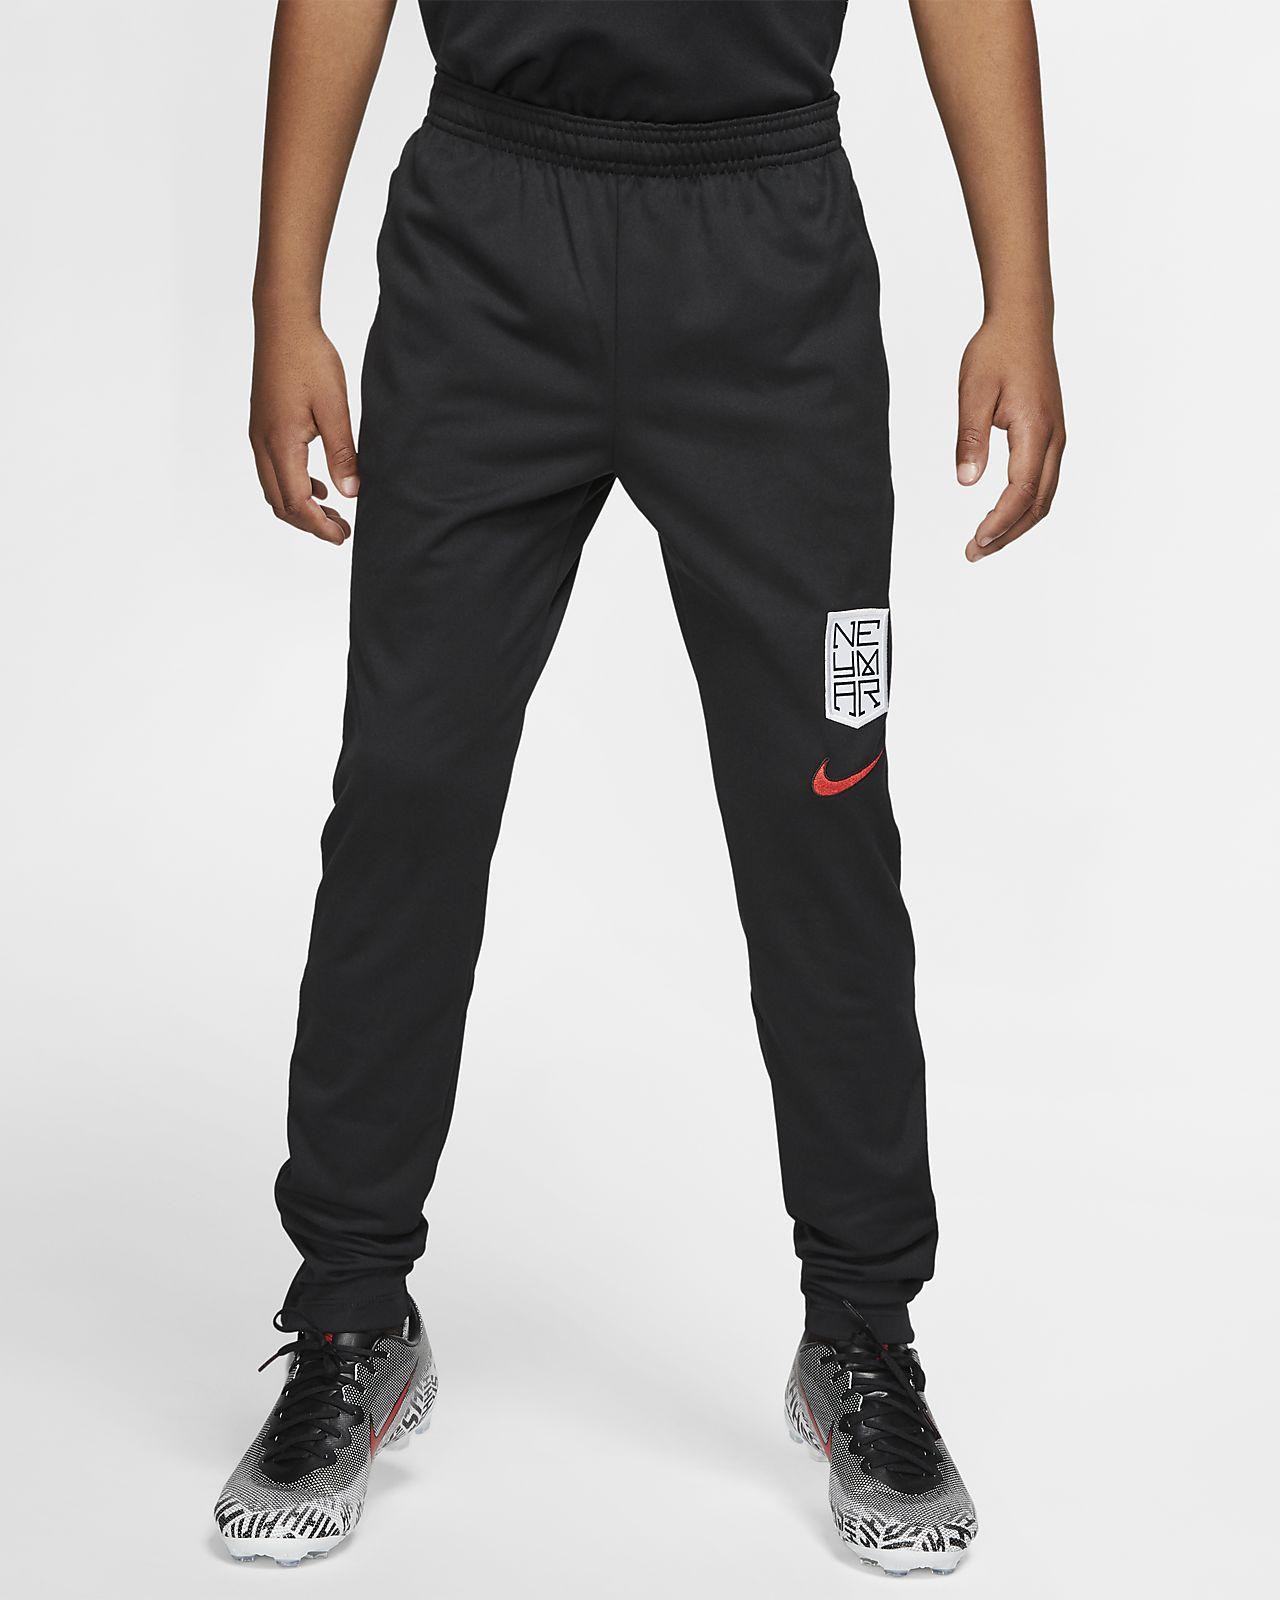 Nike Dri-FIT Neymar Jr. futballnadrág nagyobb gyerekeknek